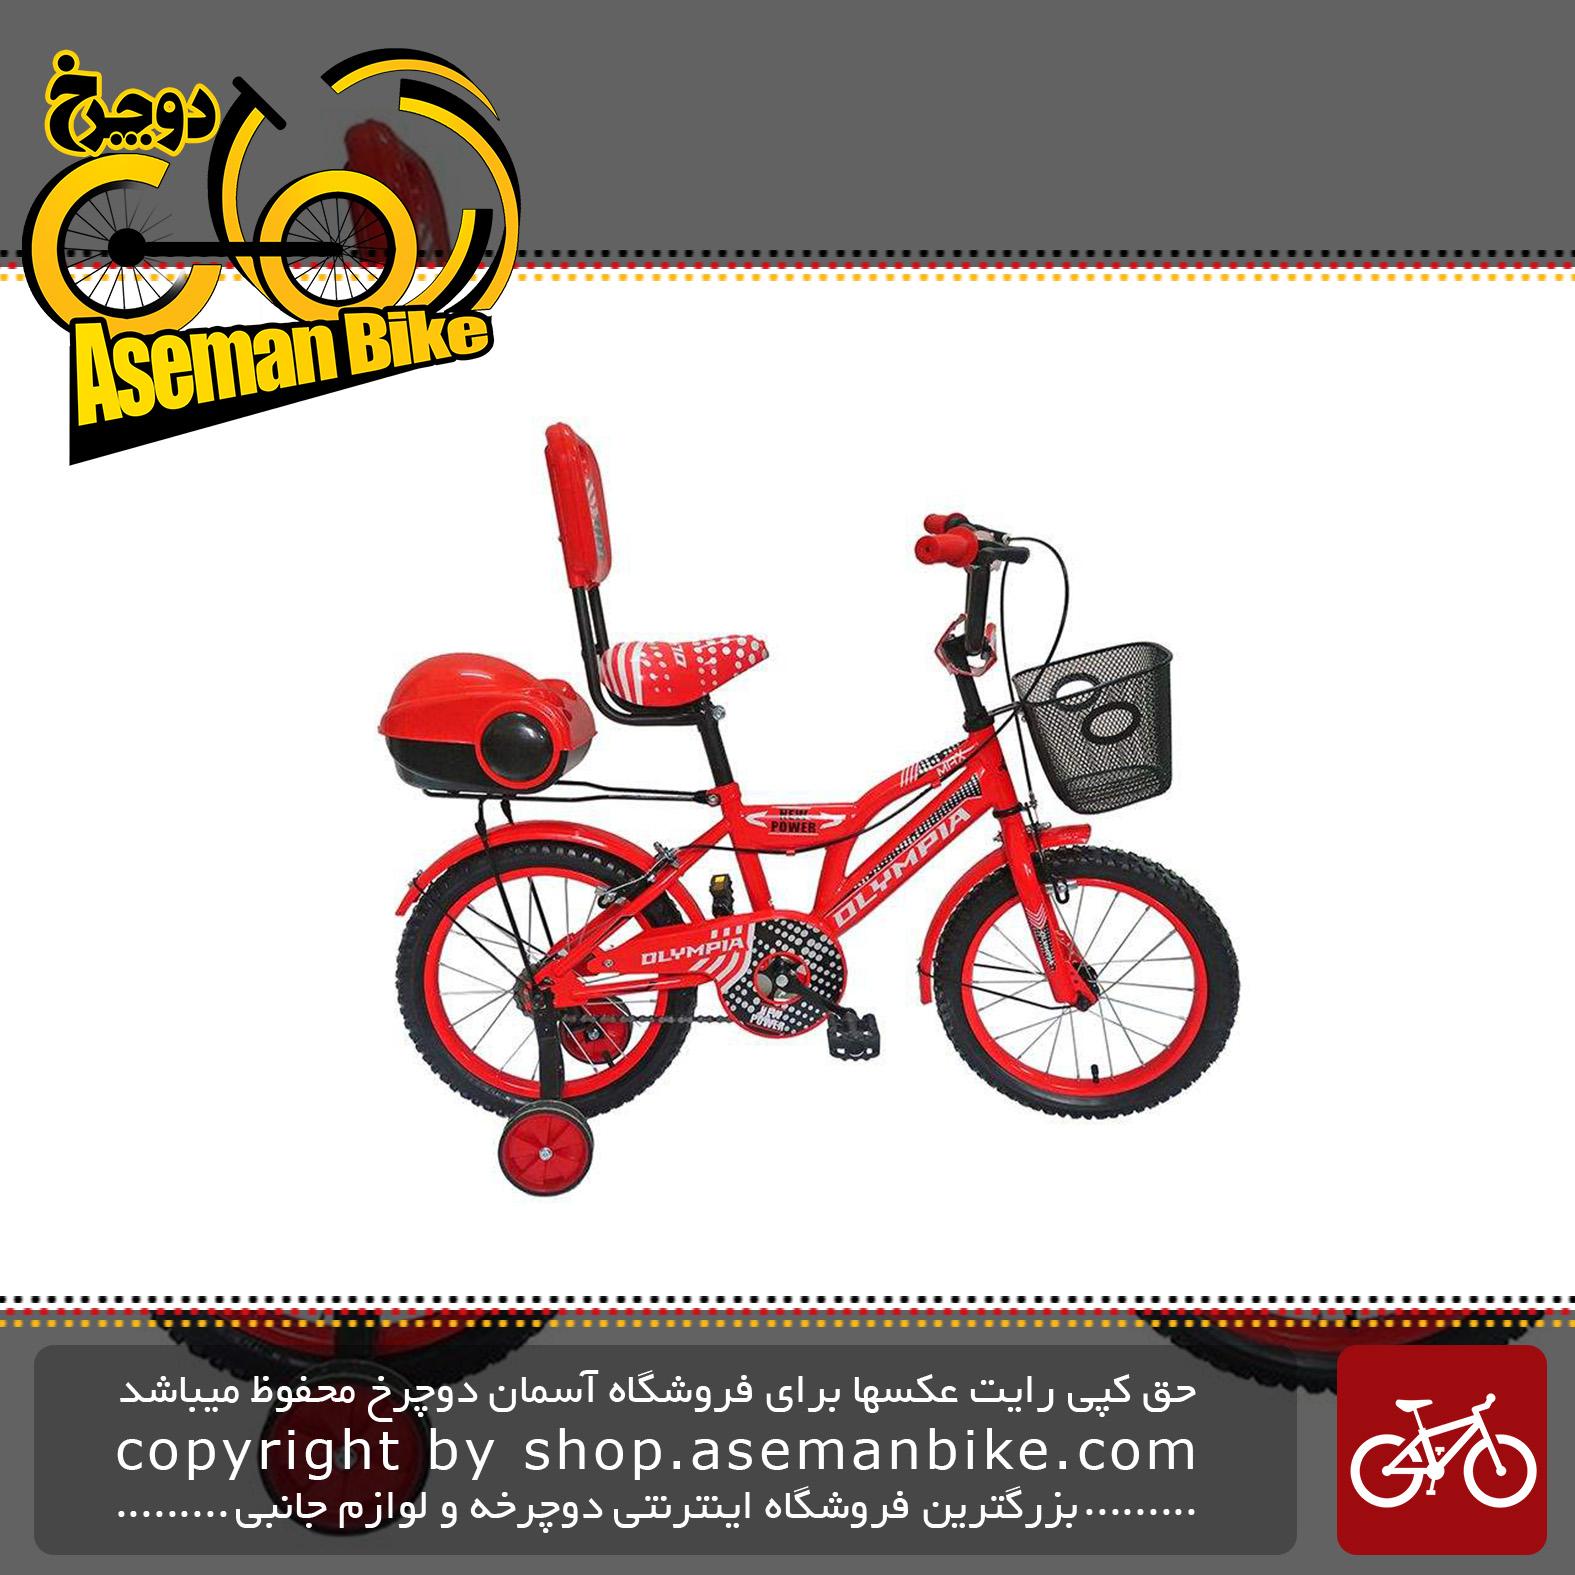 دوچرخه سواری بچه گانه المپیا مدل 16113 سایز 16 Olympia 16113 سایز Baby Bike Size 16